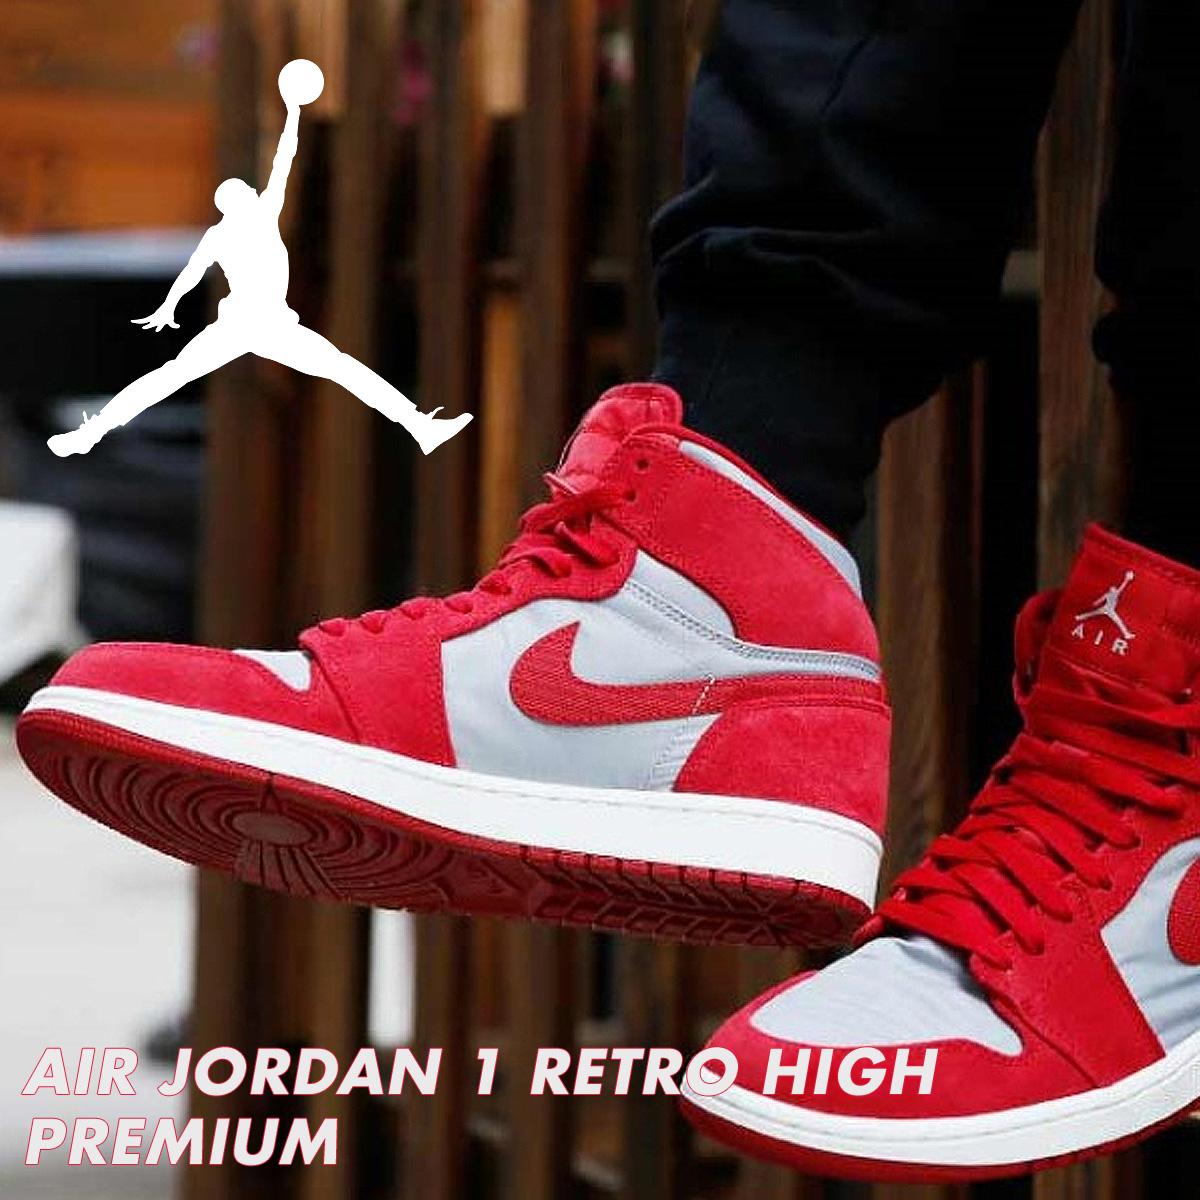 reputable site 7265e 6dbb2 Nike NIKE Air Jordan 1 nostalgic high sneakers AIR JORDAN 1 RETRO HIGH  PREMIUM AA3993-601 men red